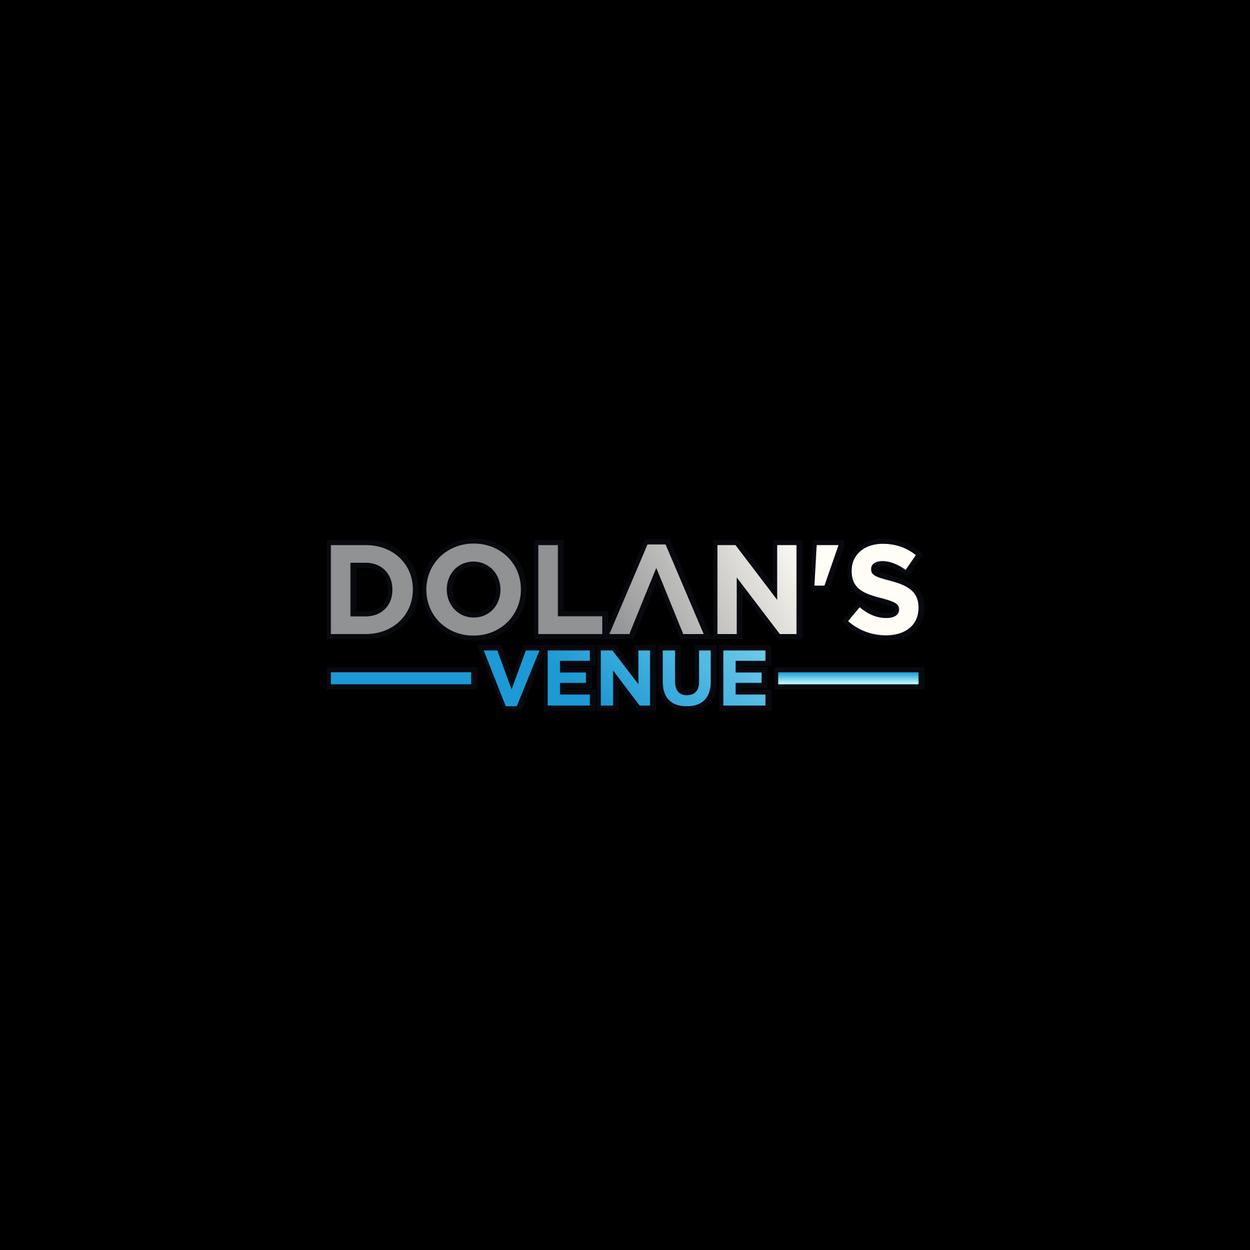 Dolans Venue